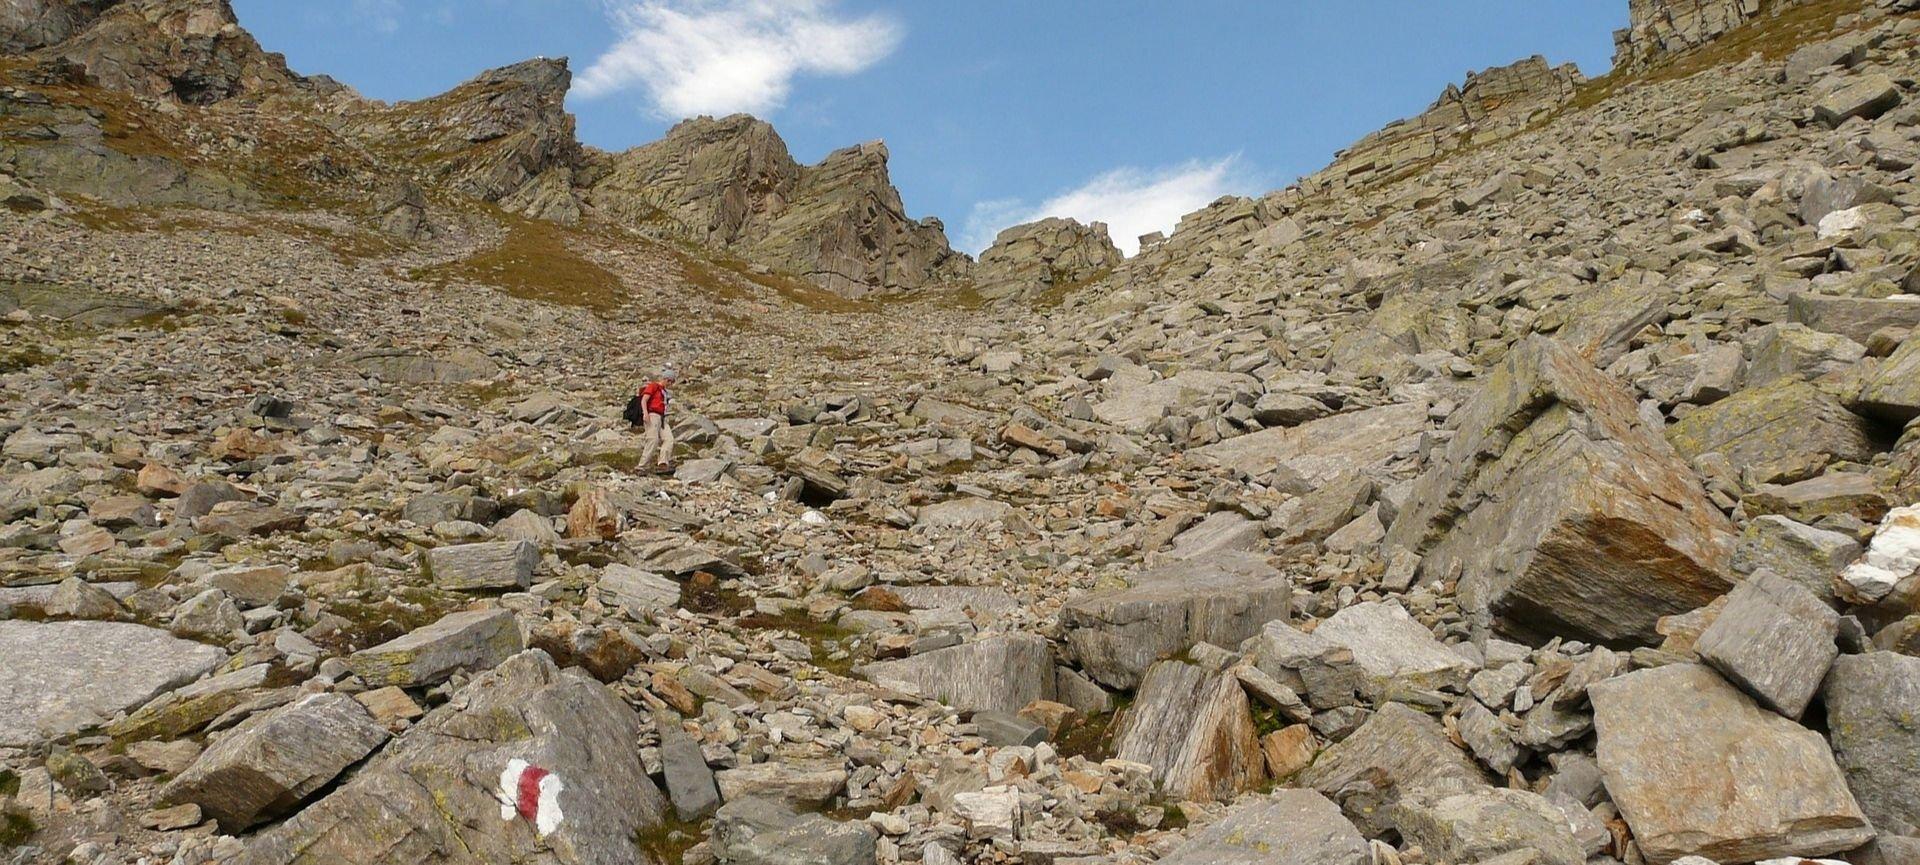 dolori alle gambe dopo una camminata in montagna